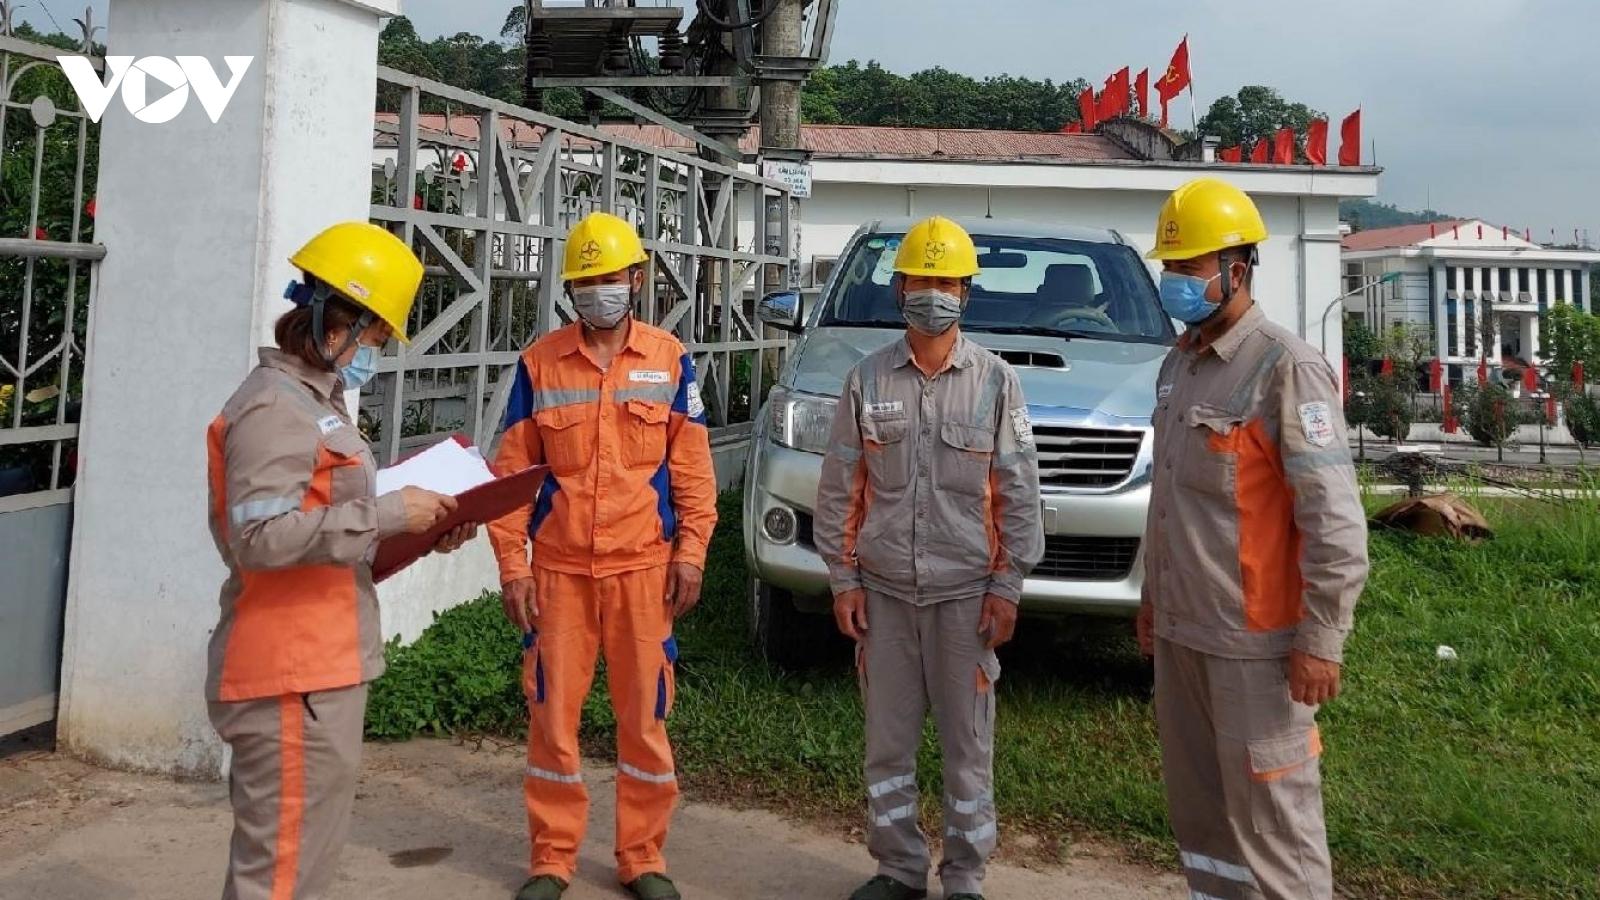 Ngành điện Yên Bái sẵn sàng phương án, đảm bảo cấp điện ổn định trong ngày bầu cử